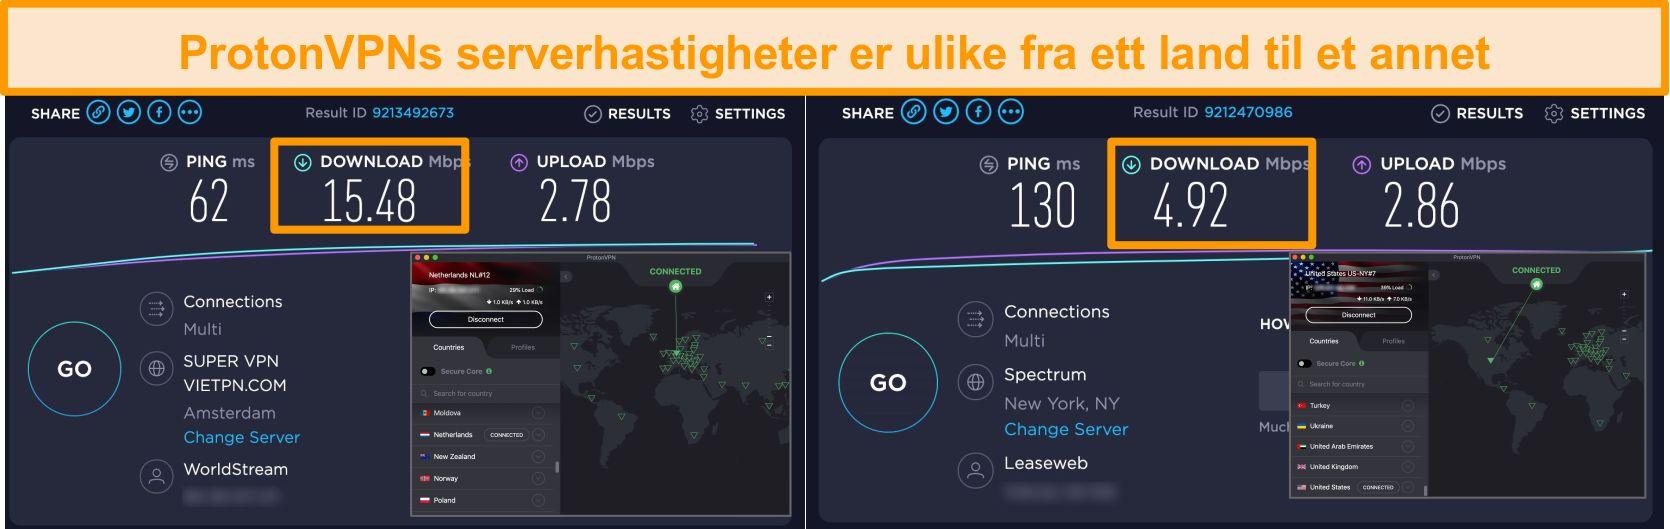 Skjermbilde av ProtonVPN koblet til Nederland og USA med hastighetstestresultater